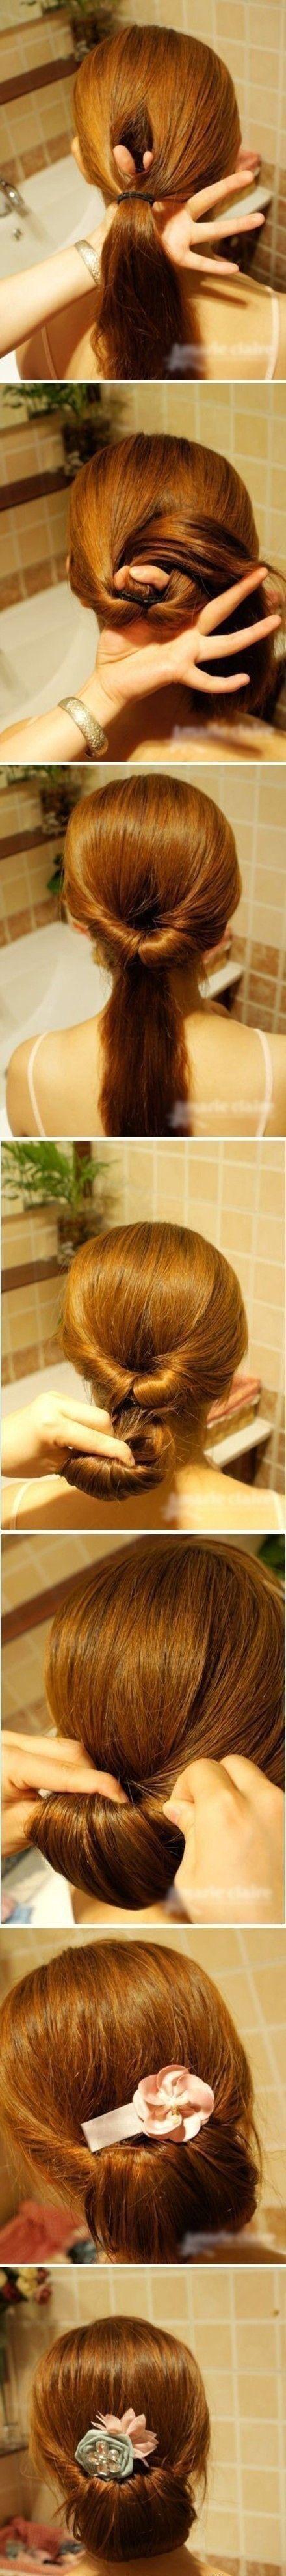 Stap voor stap een lage knot maken #hairstyle #kapsel